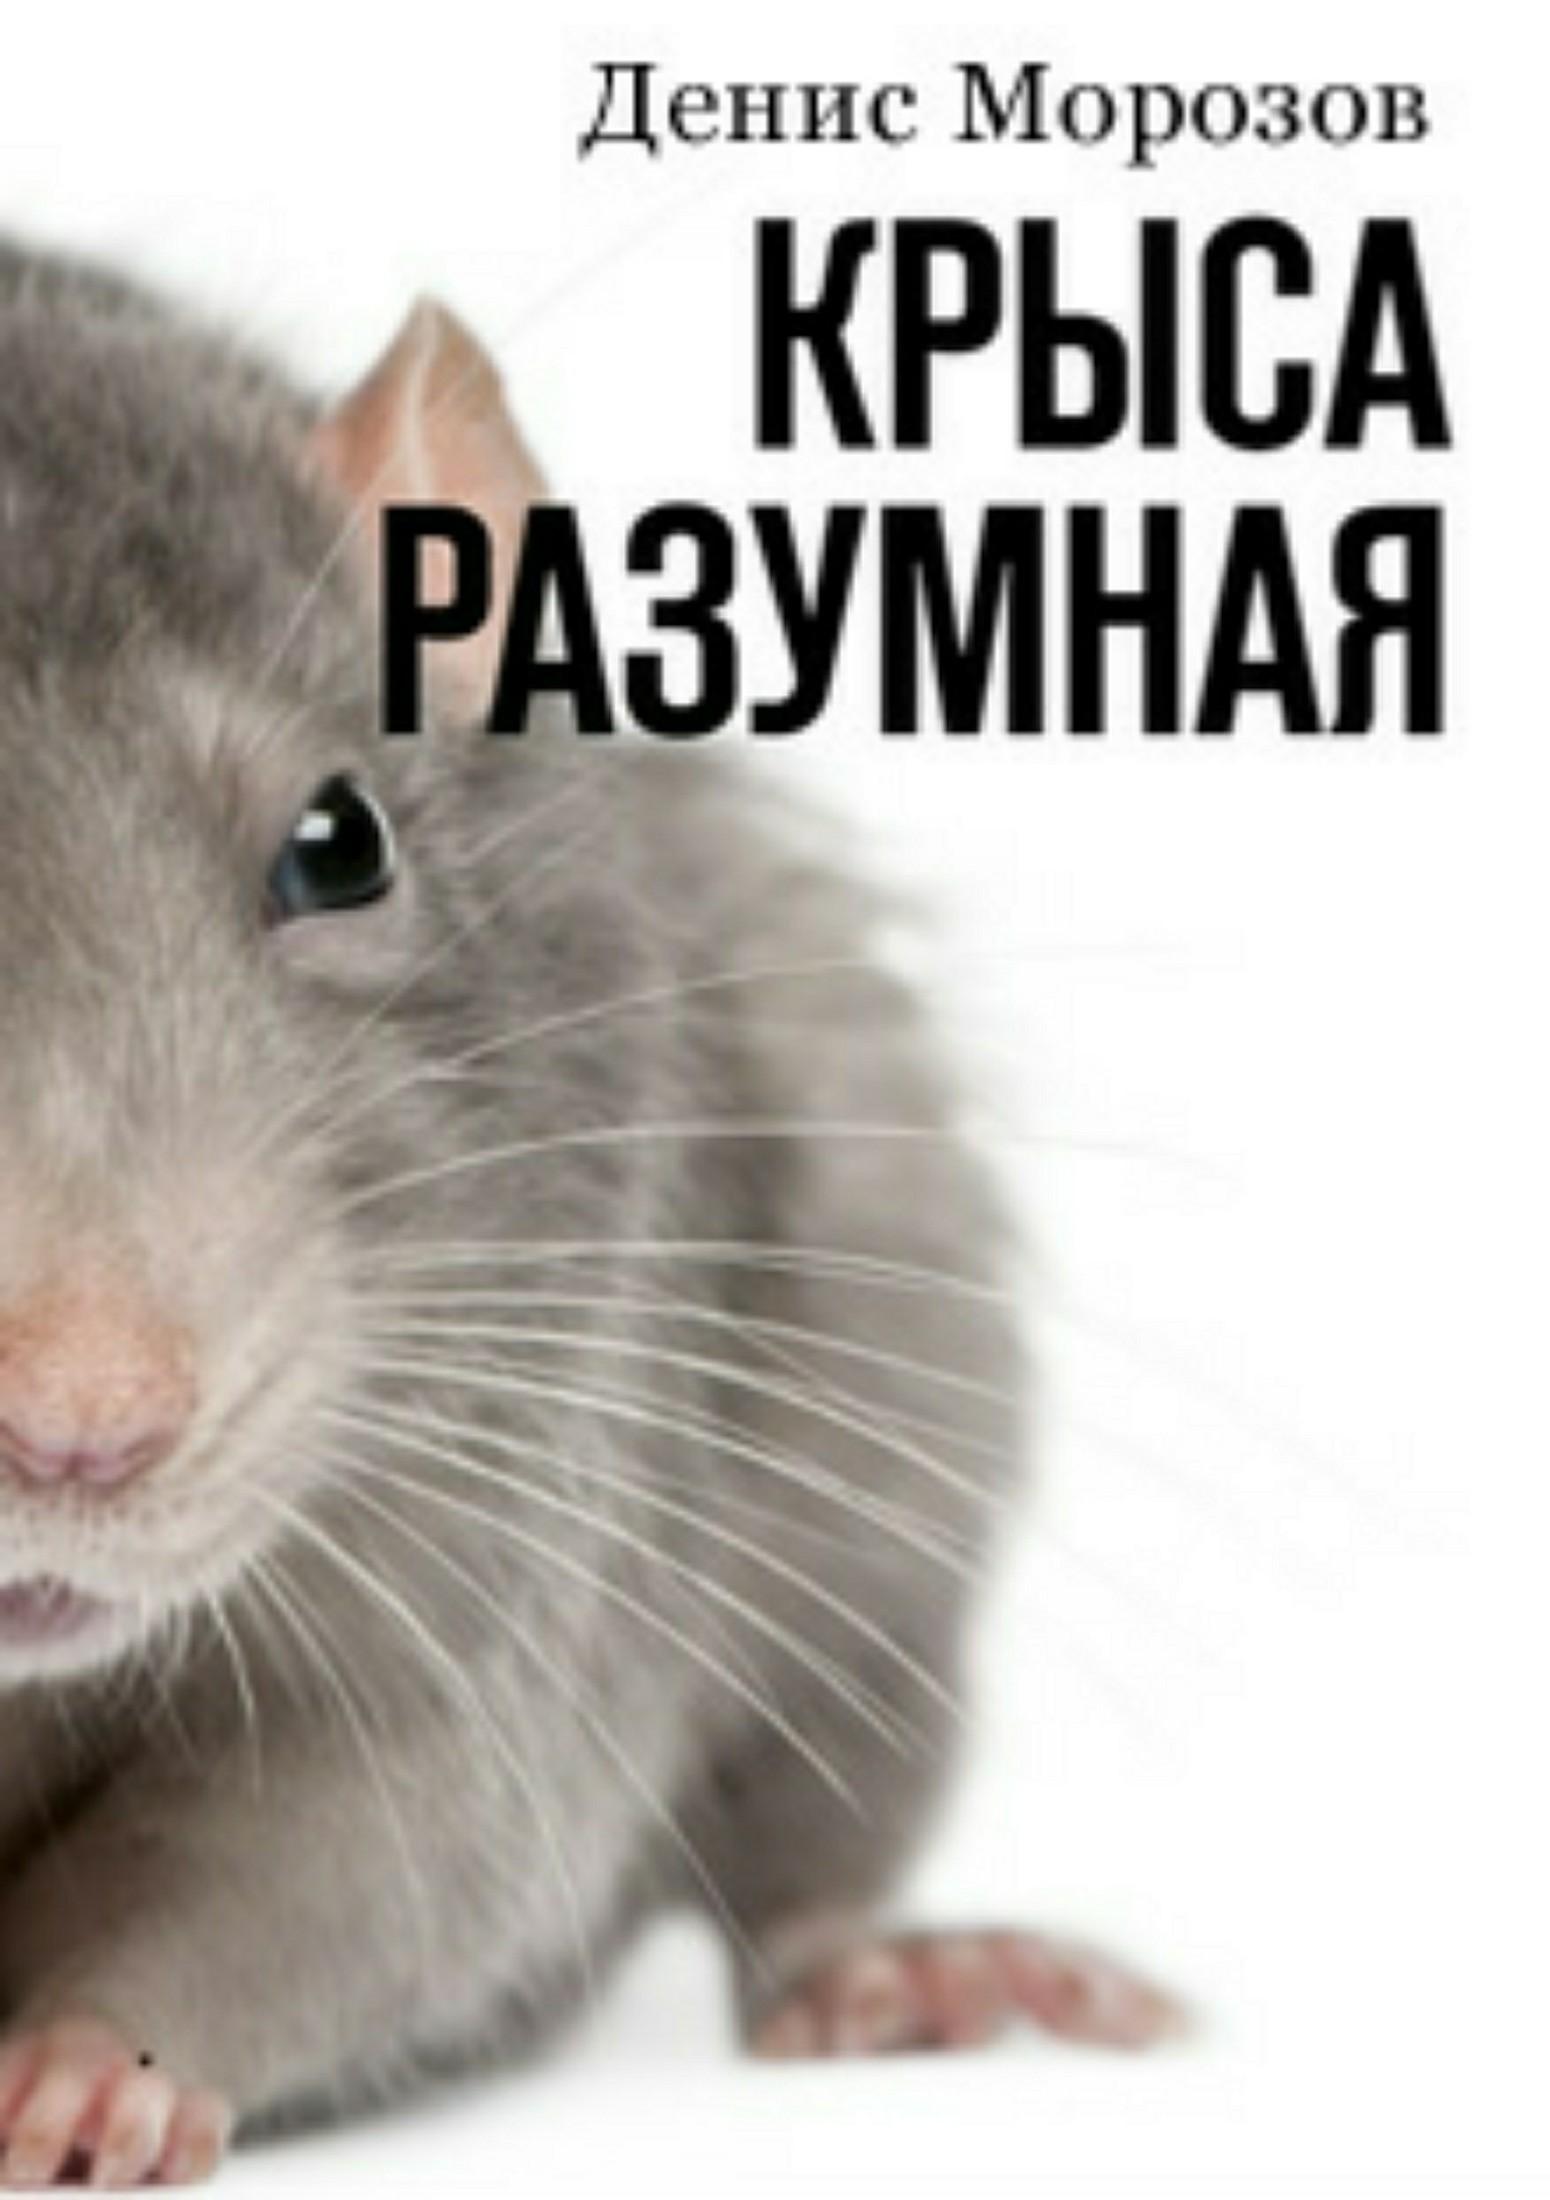 Денис Владимирович Морозов. Крыса Разумная